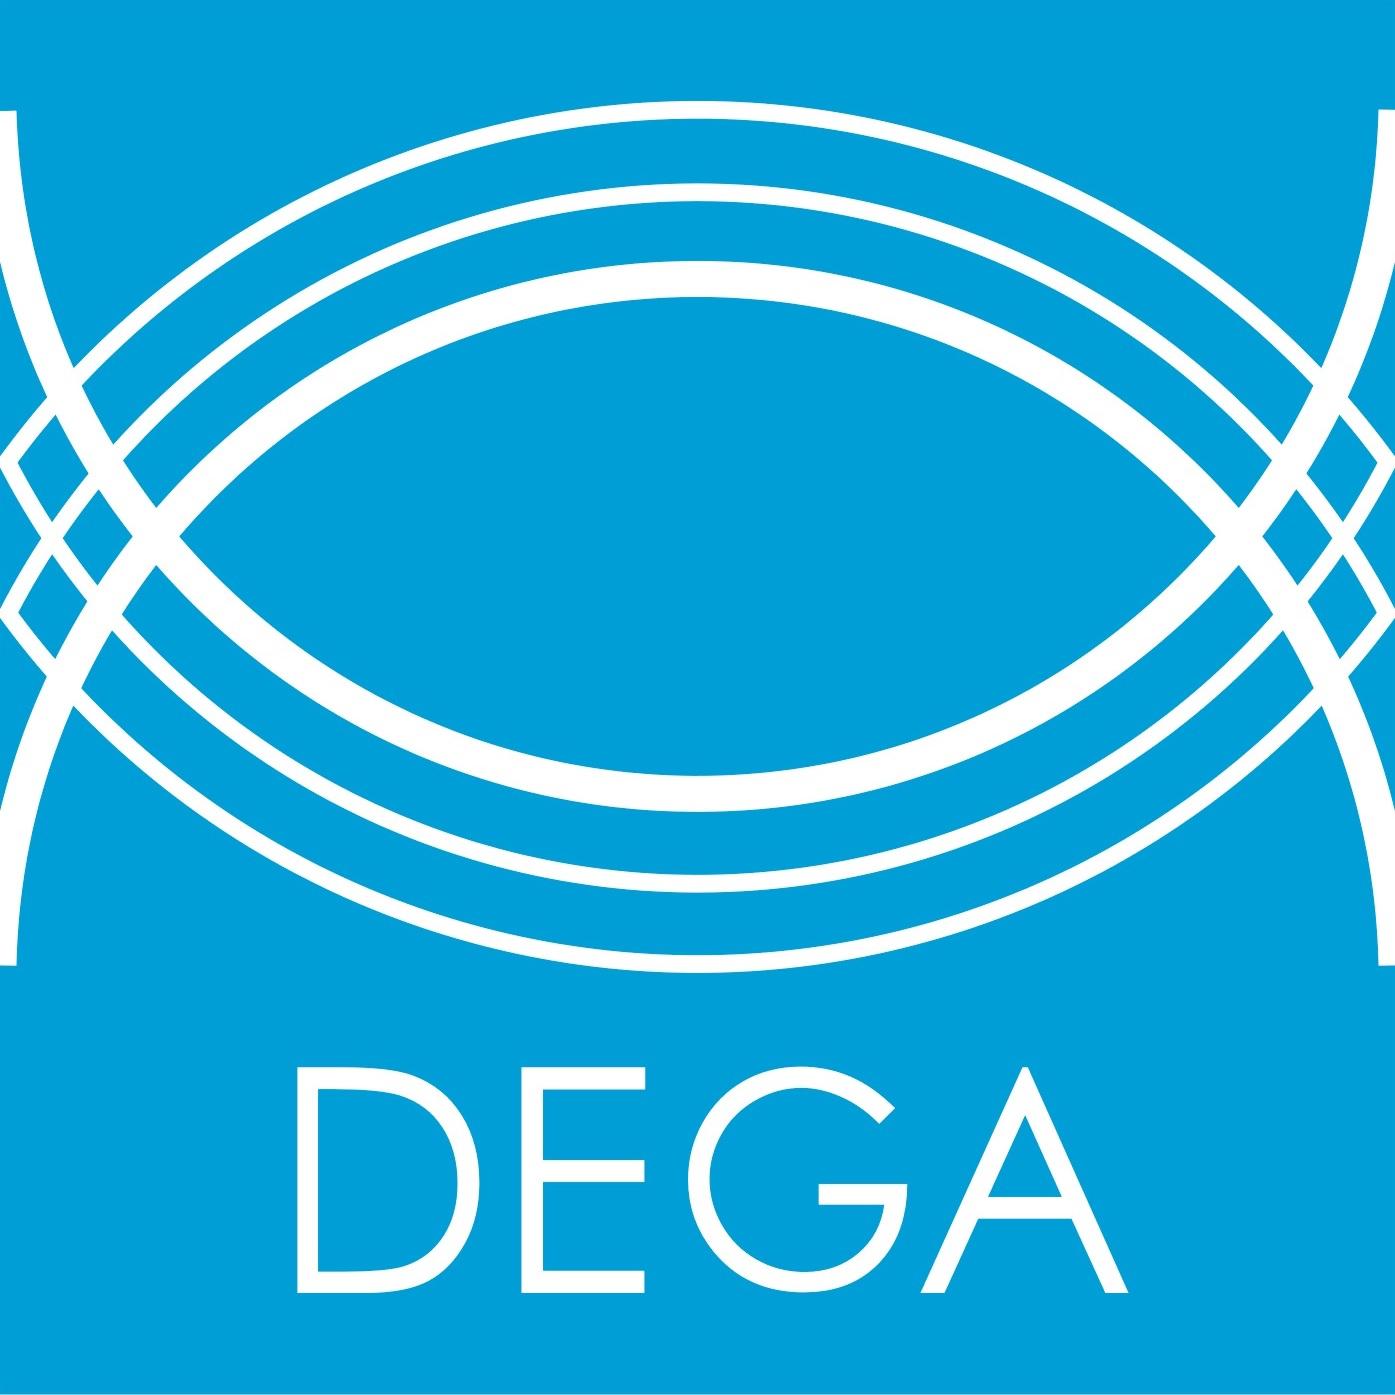 Logo der Deutschen Gesellschaft für Akustik, kurz Dega.